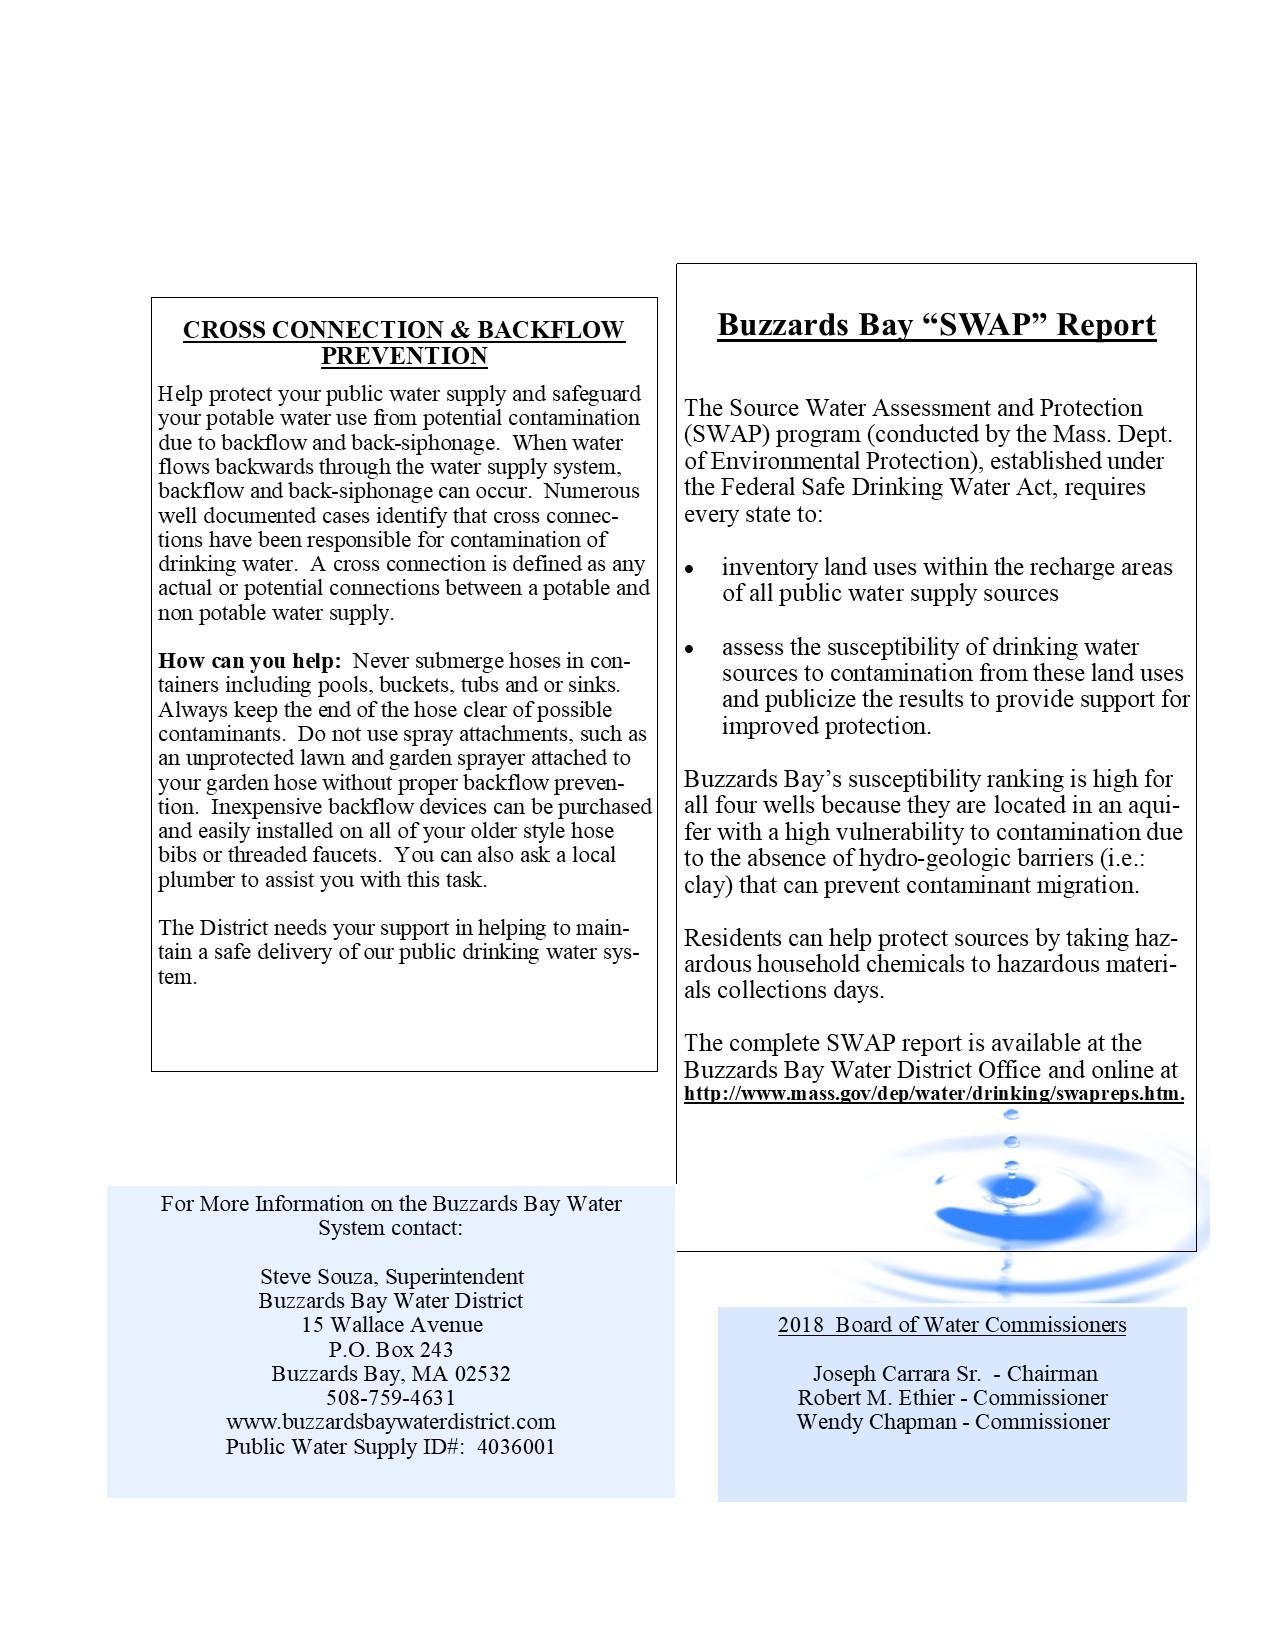 CCR page 4 handout 2018